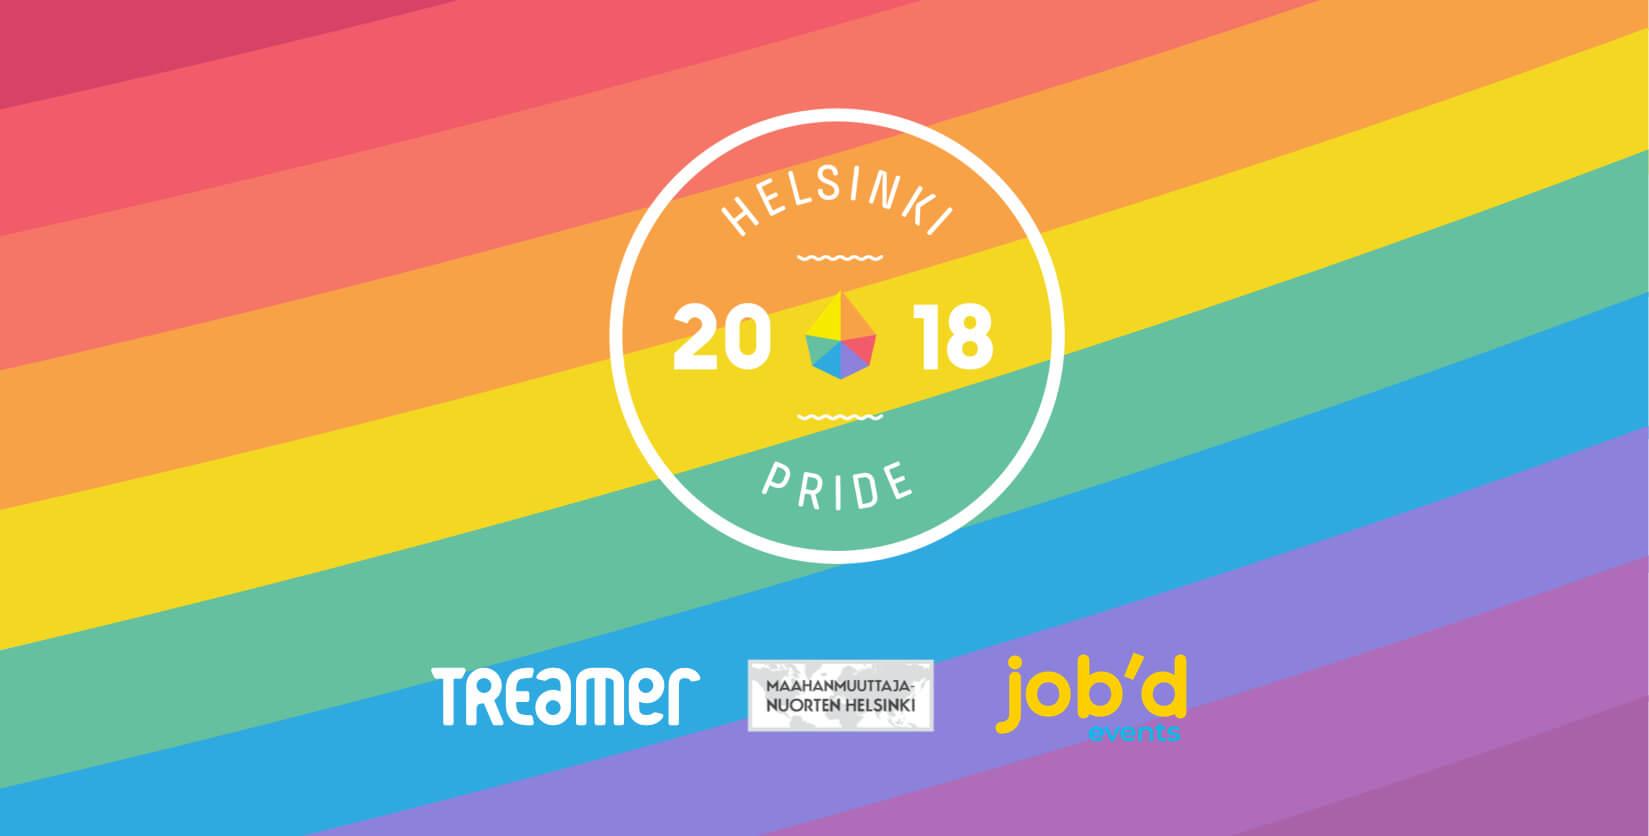 Pride Helsinki 2018 mukana Treamer, Helsingin kaupunki, Job'd ja Maahanmuuttajanuorten Helsinki